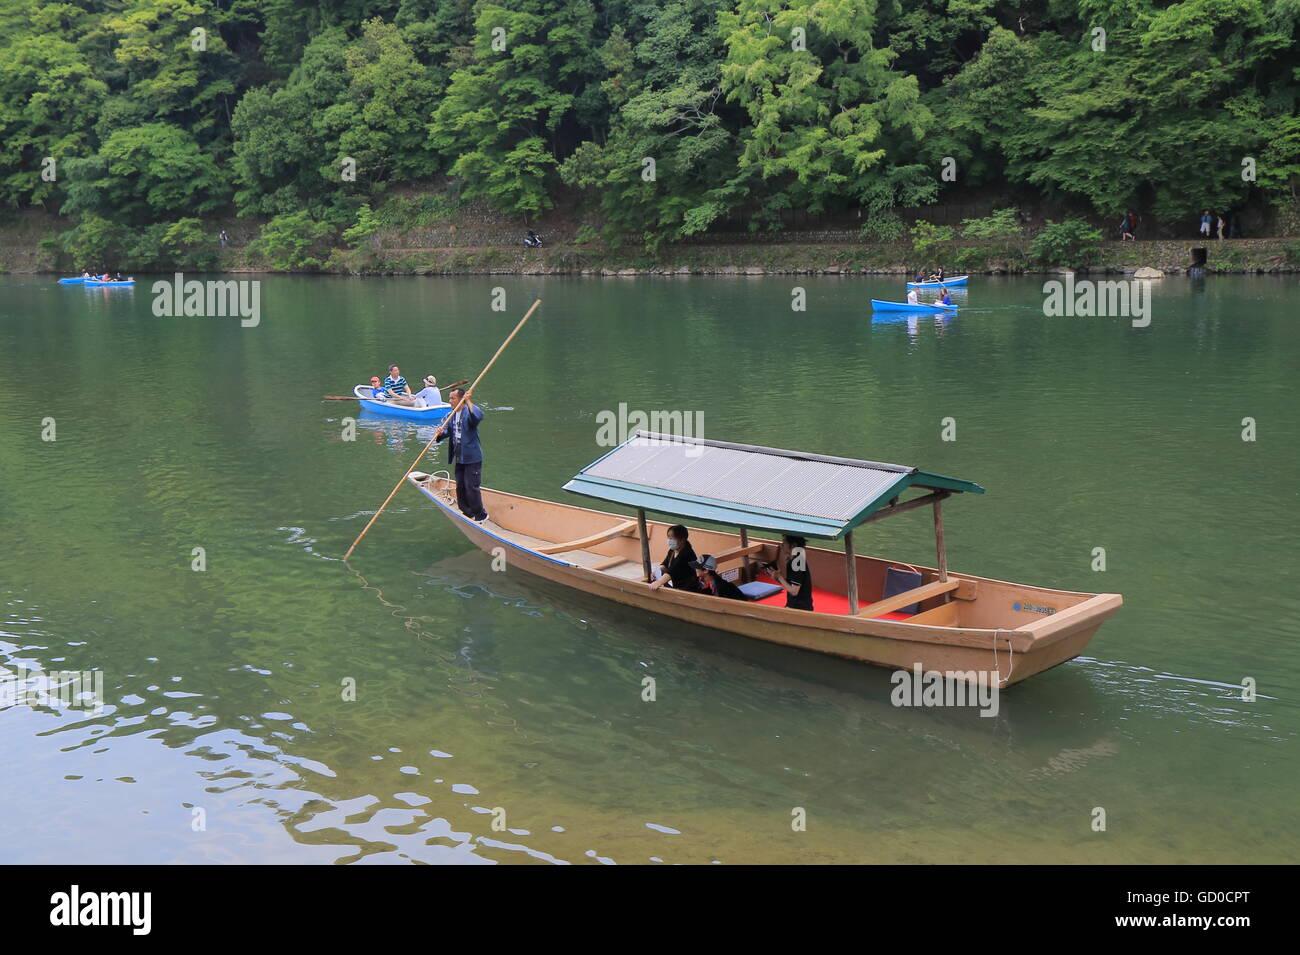 People take river cruise boat in Arashiyama Kyoto Japan. - Stock Image